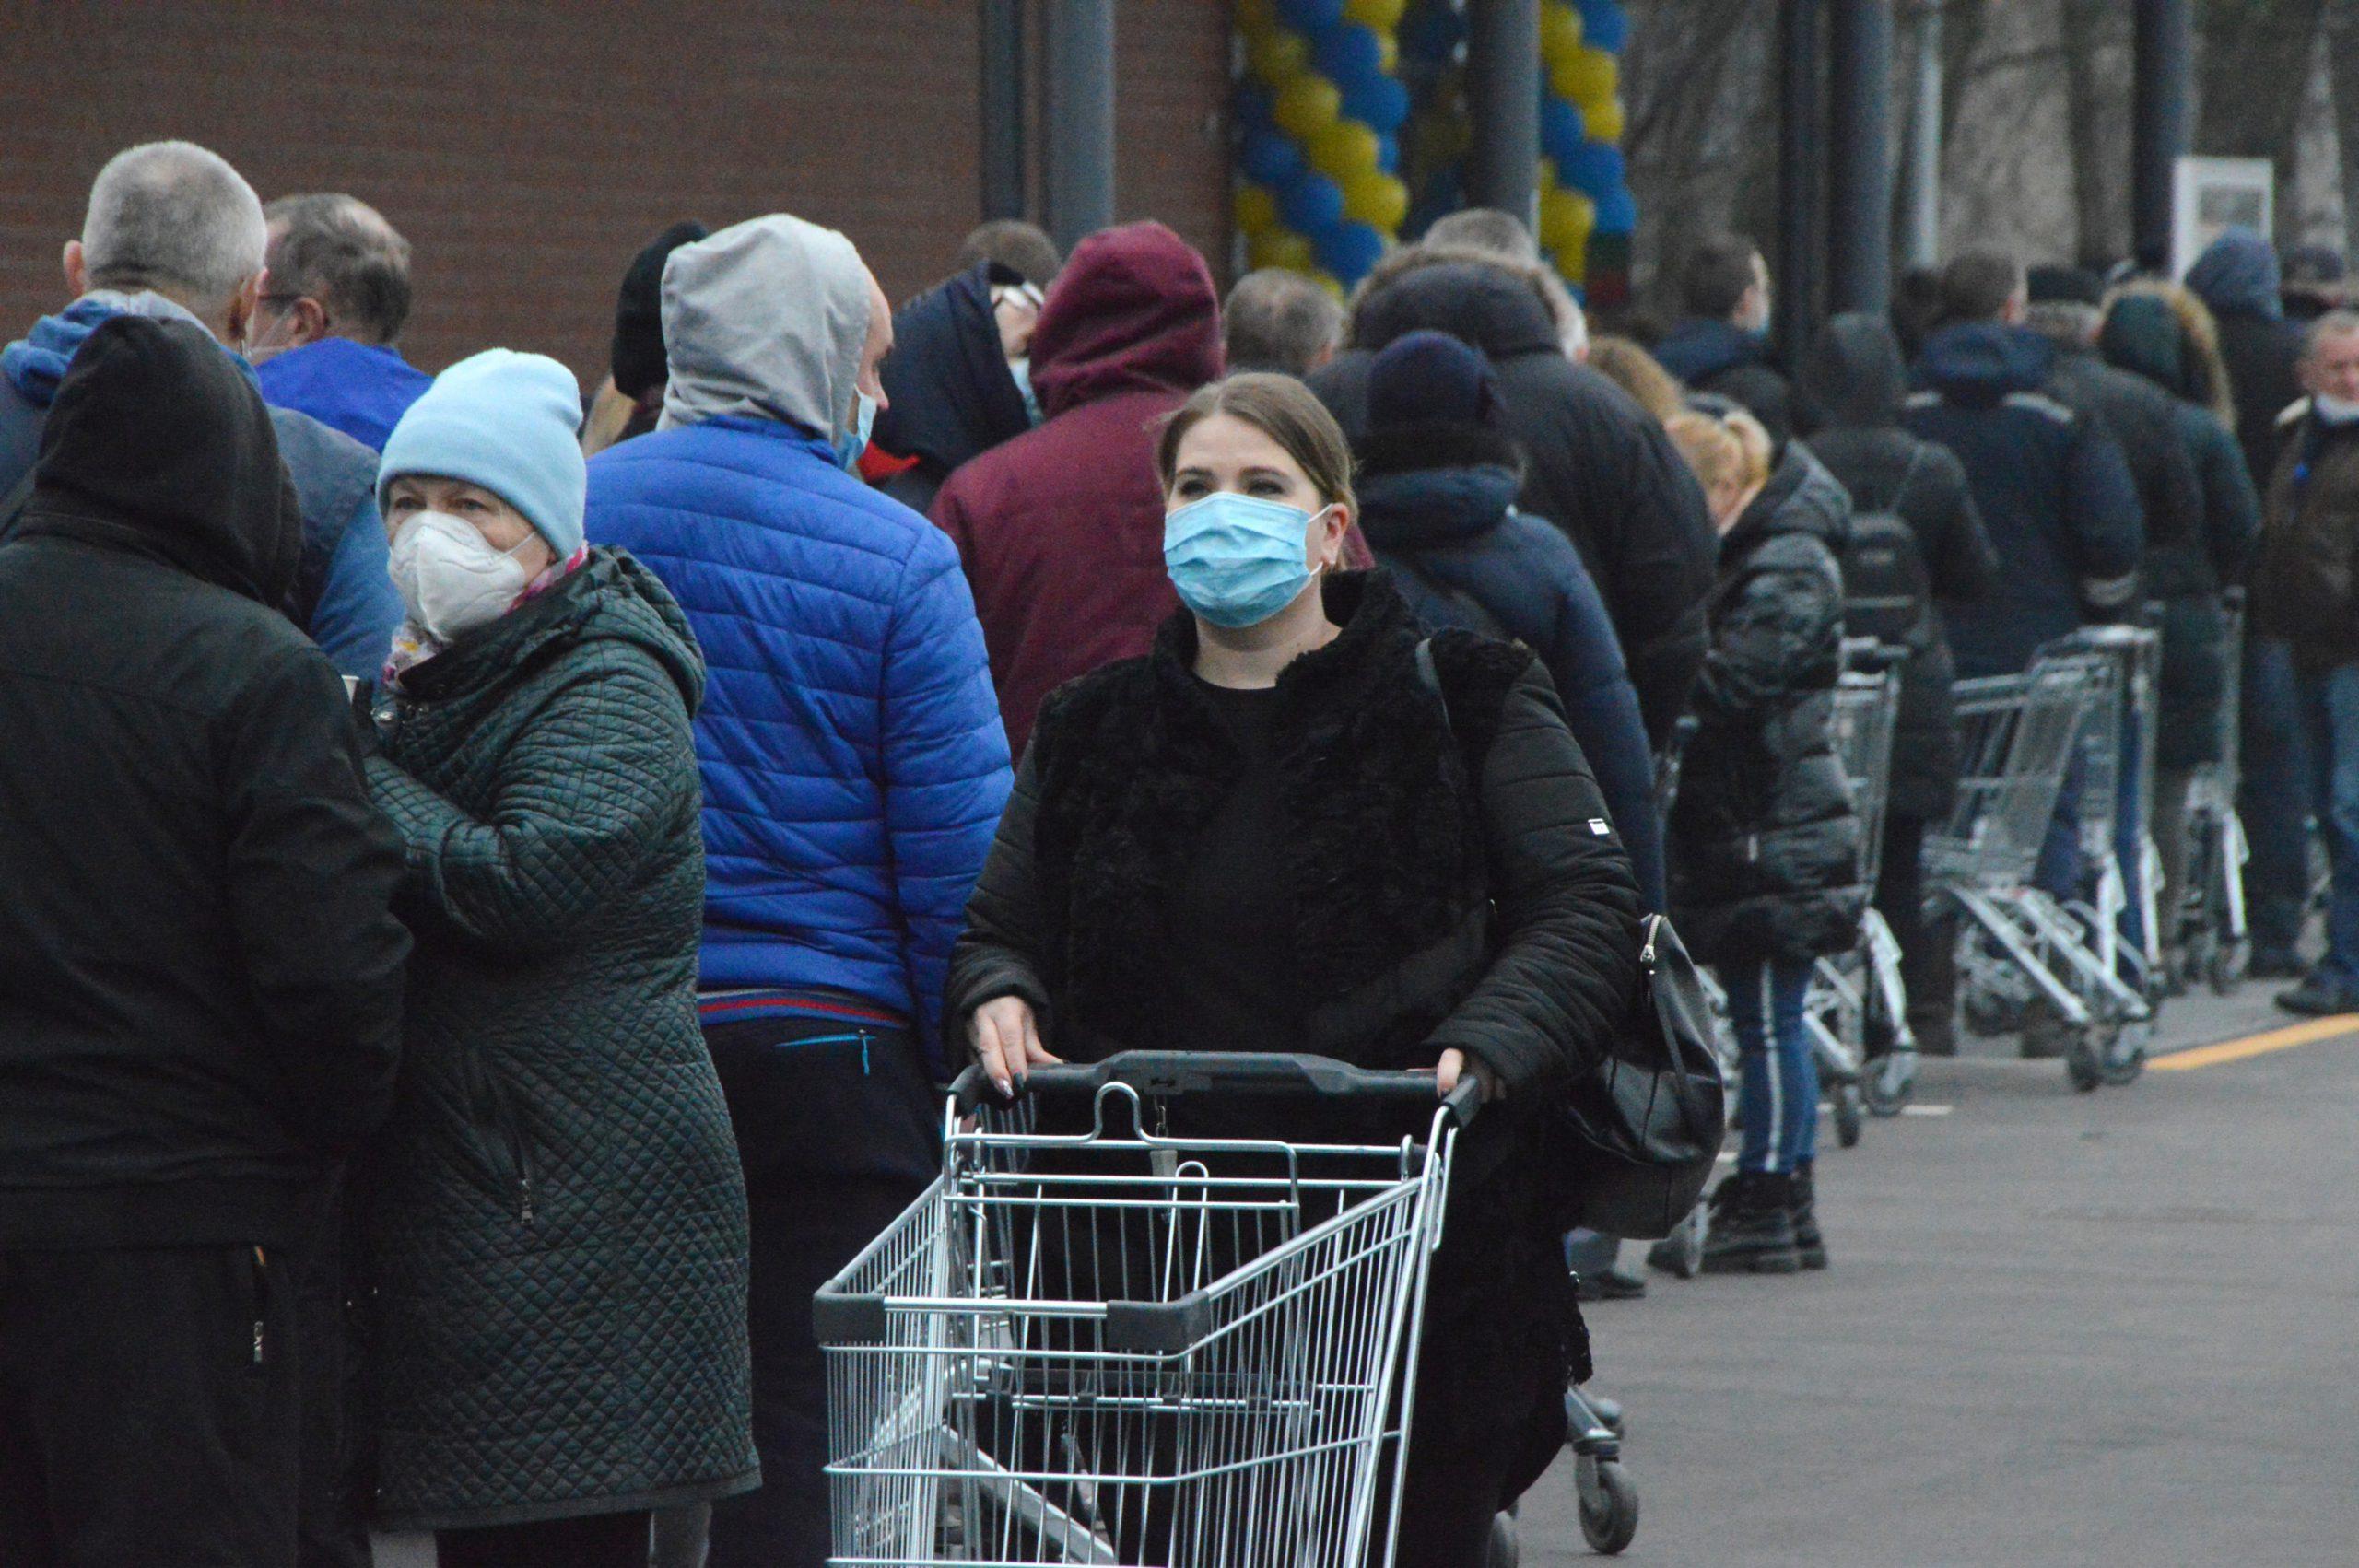 Карантин продлен до 30 апреля: премьер грозится вновь обязать носить маски на улице